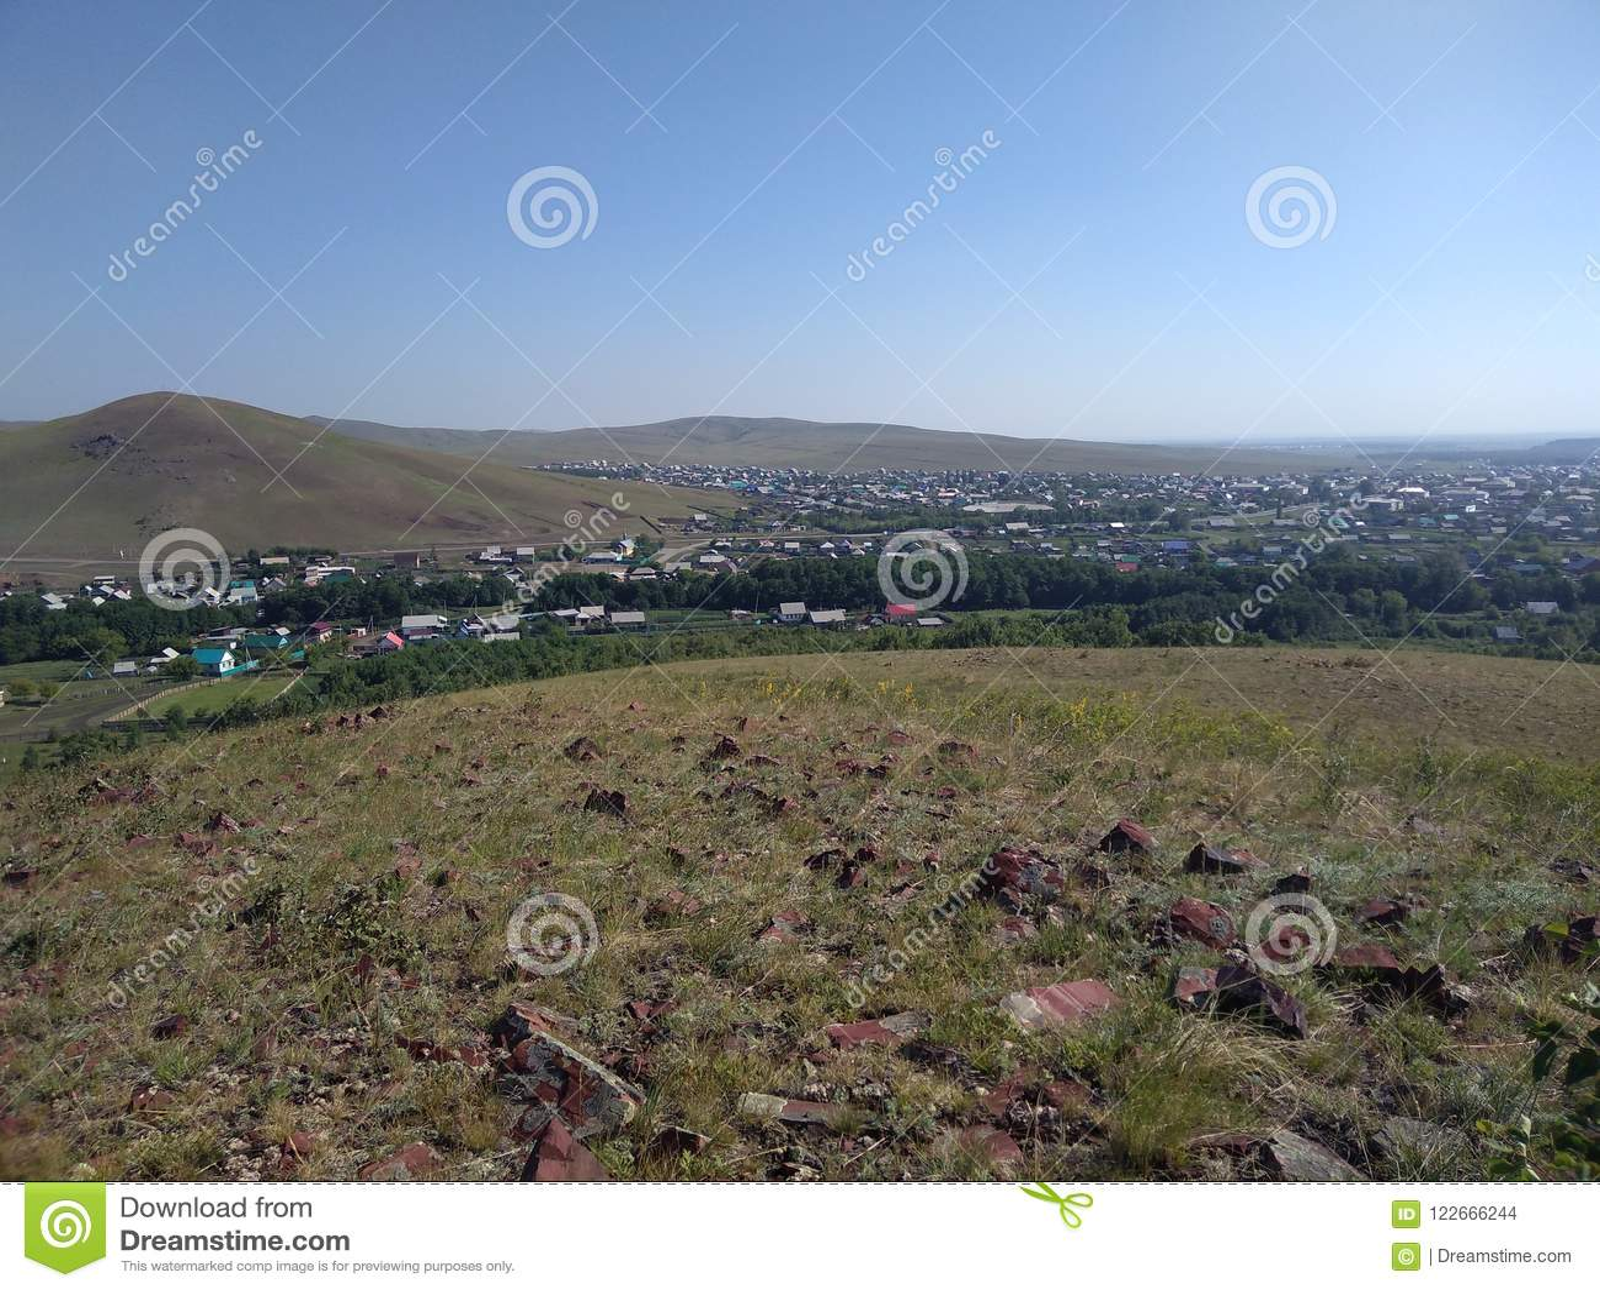 Захолустный городок расположенный в удаленных провинциях России